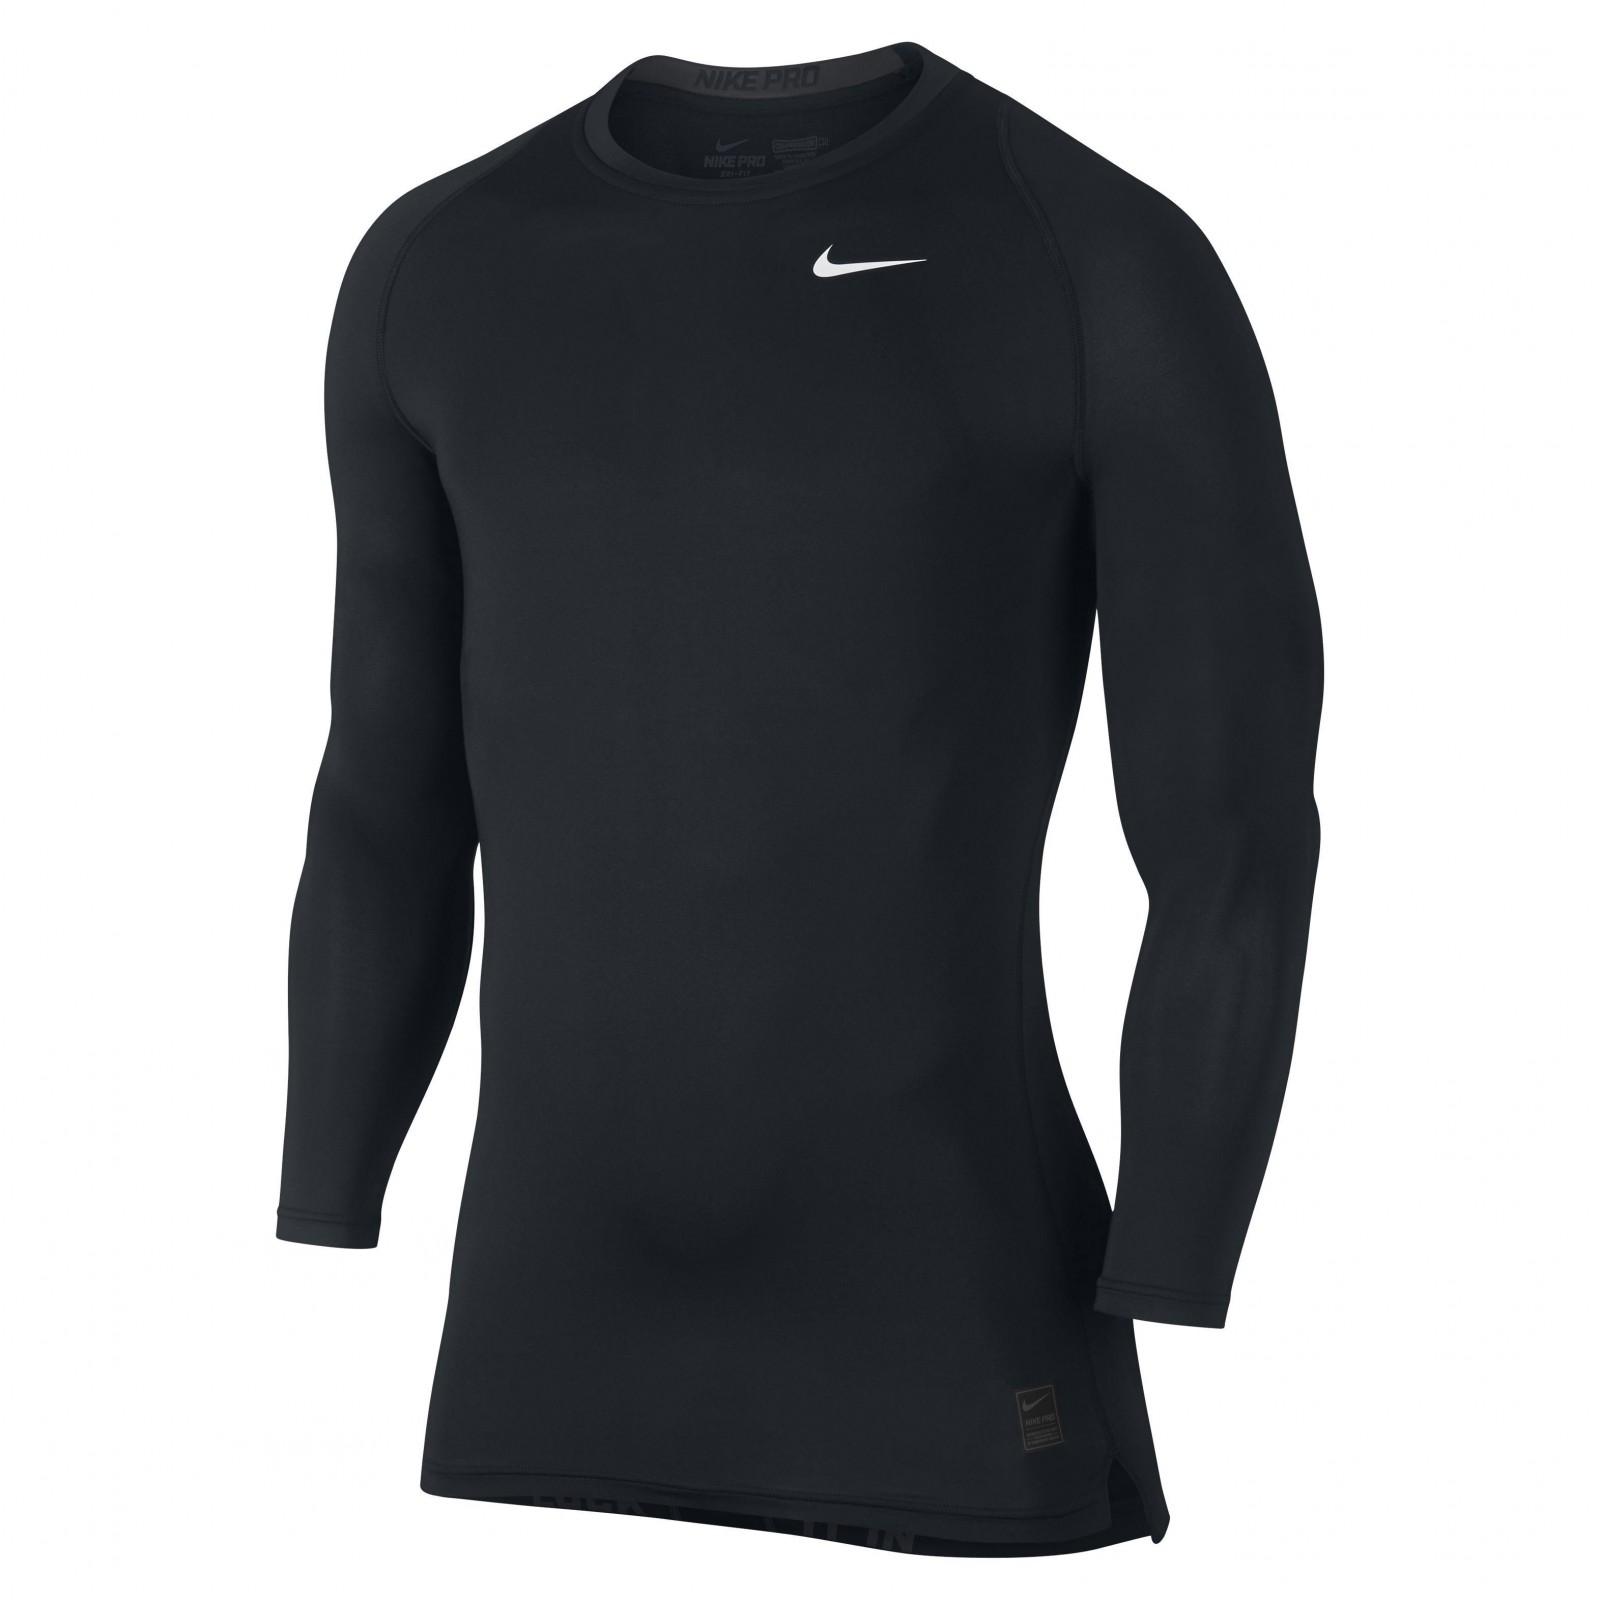 43e69473fbf8 Pánské kompresní tričko Nike COOL COMP LS